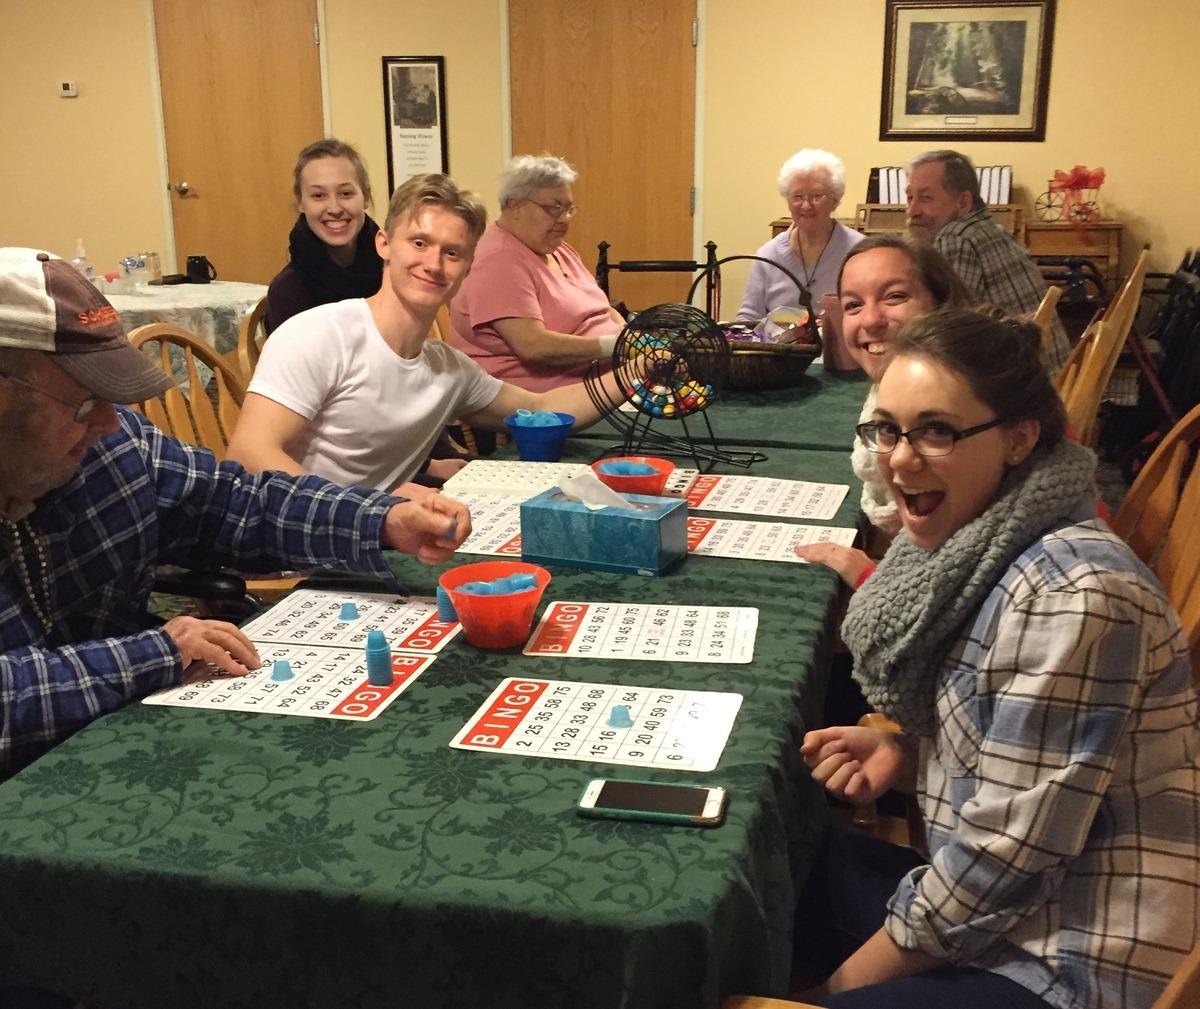 Elders bingo night